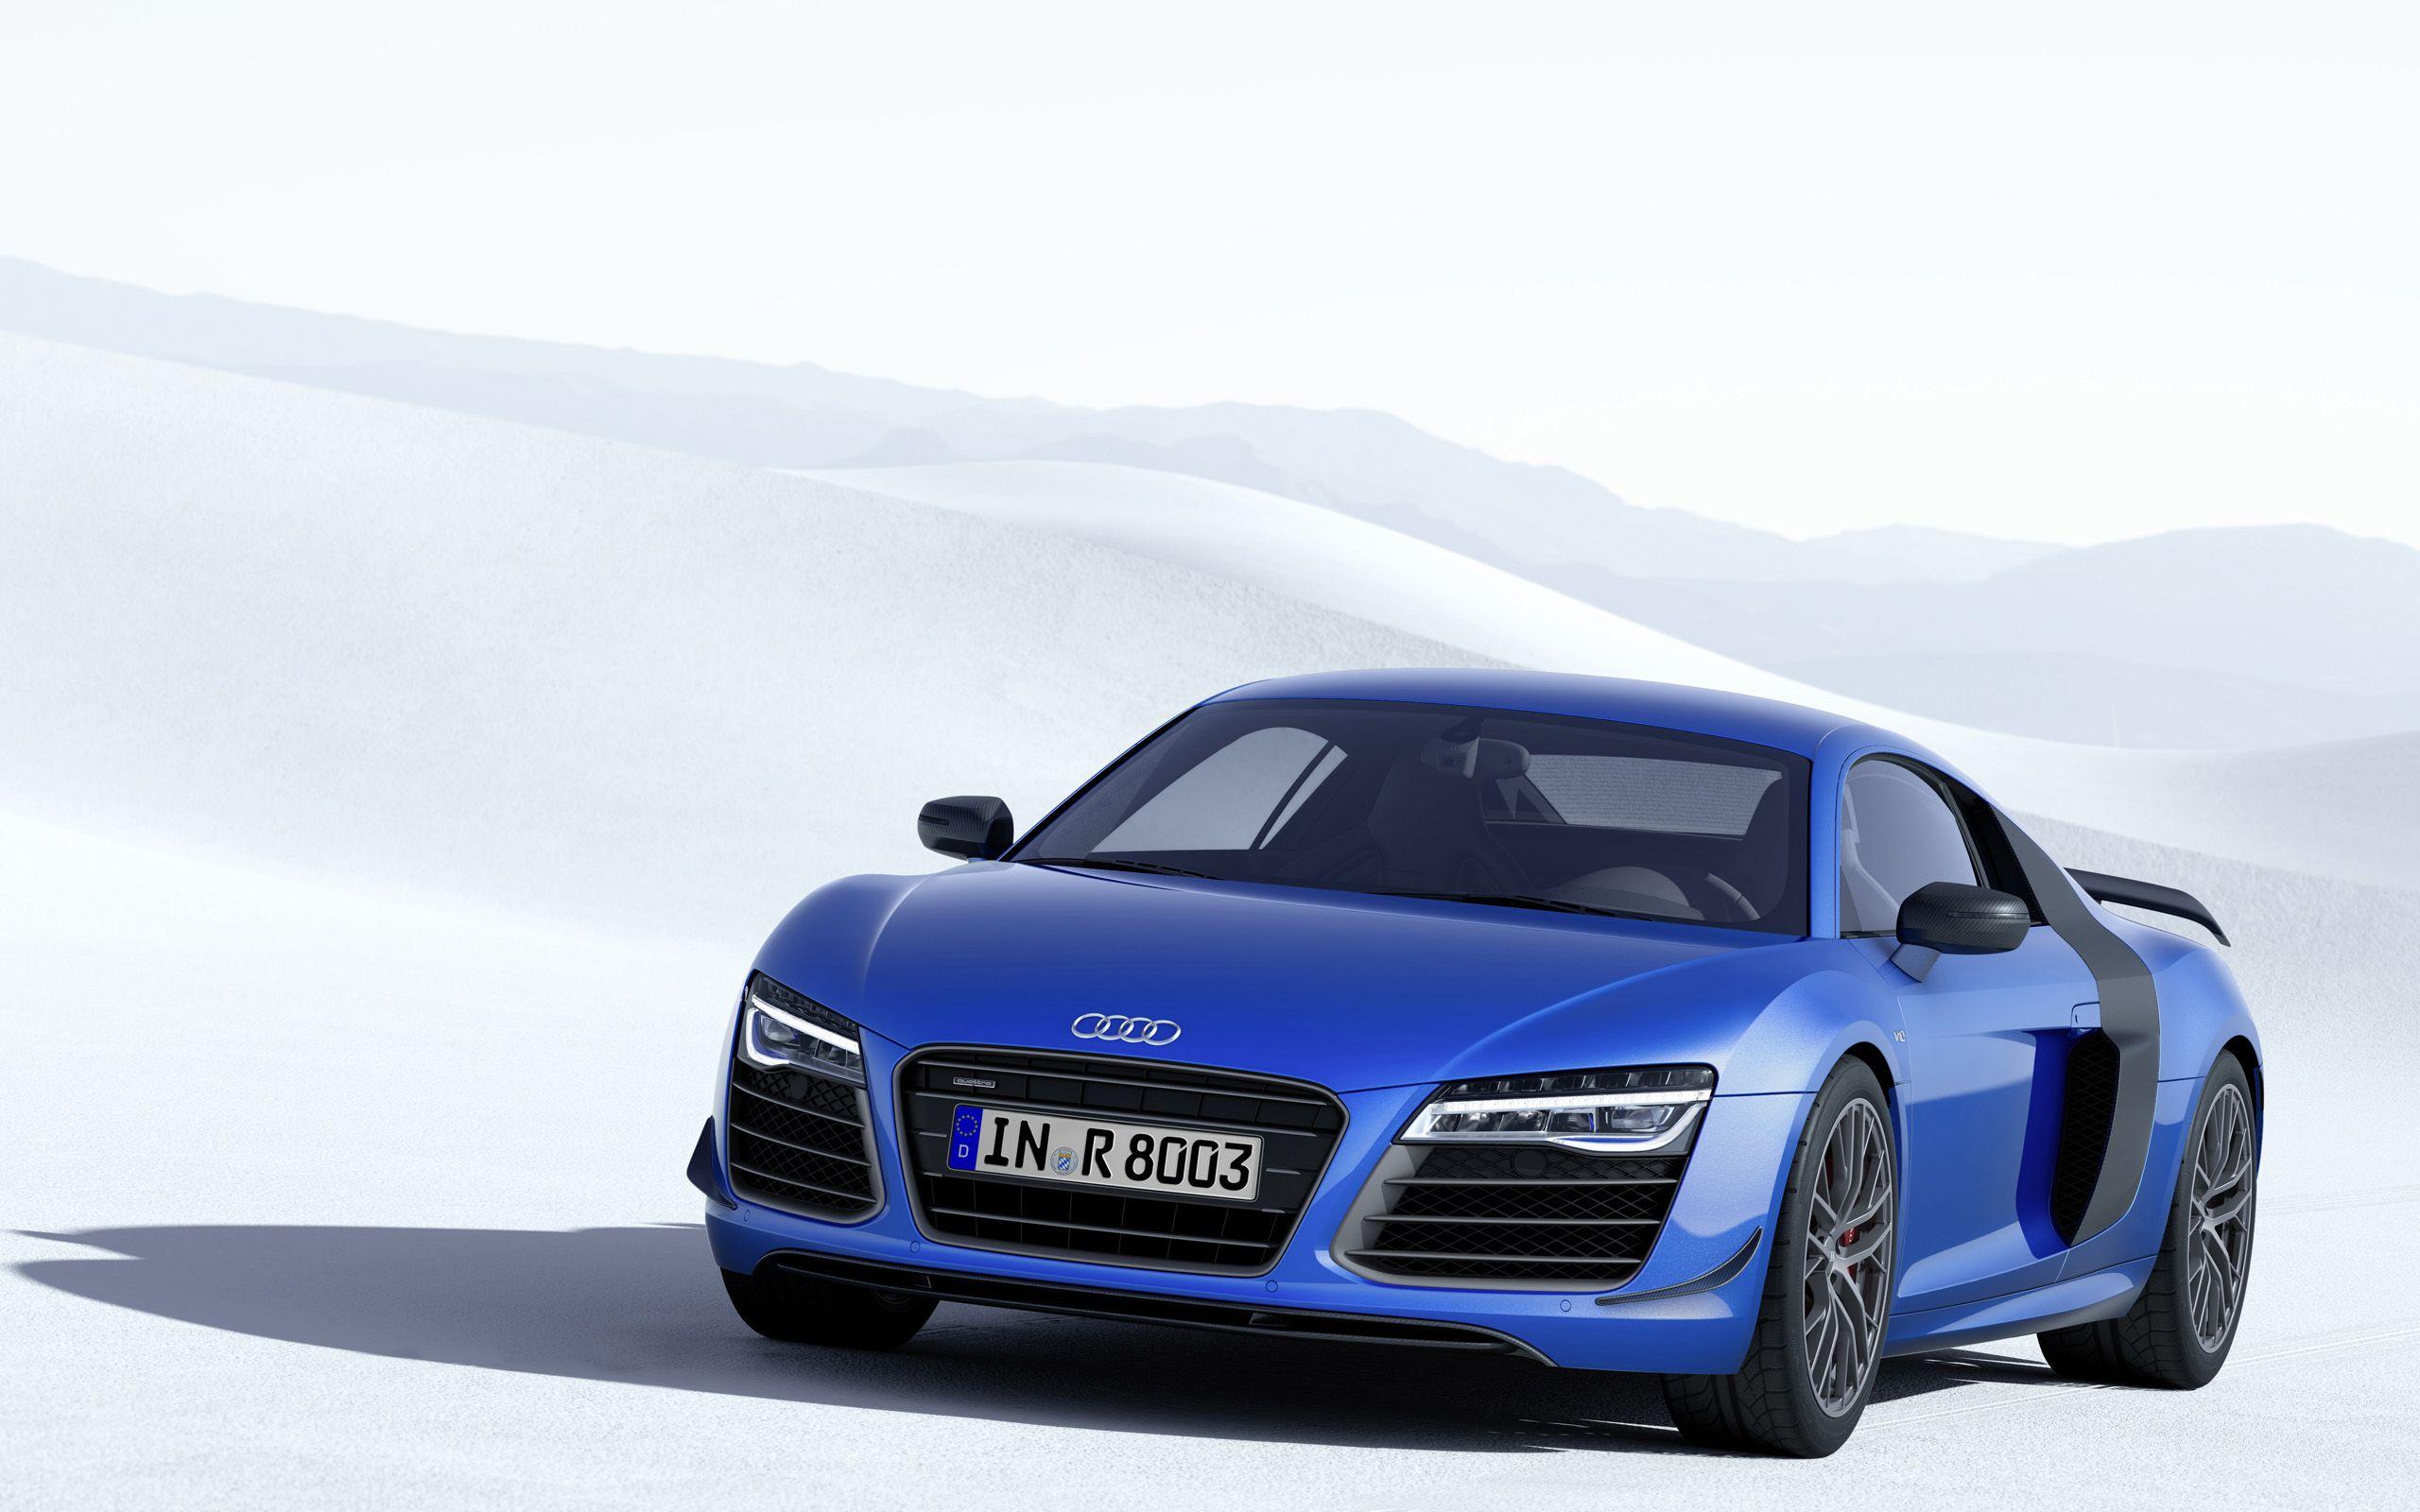 Audi r8 lmx wallpaper